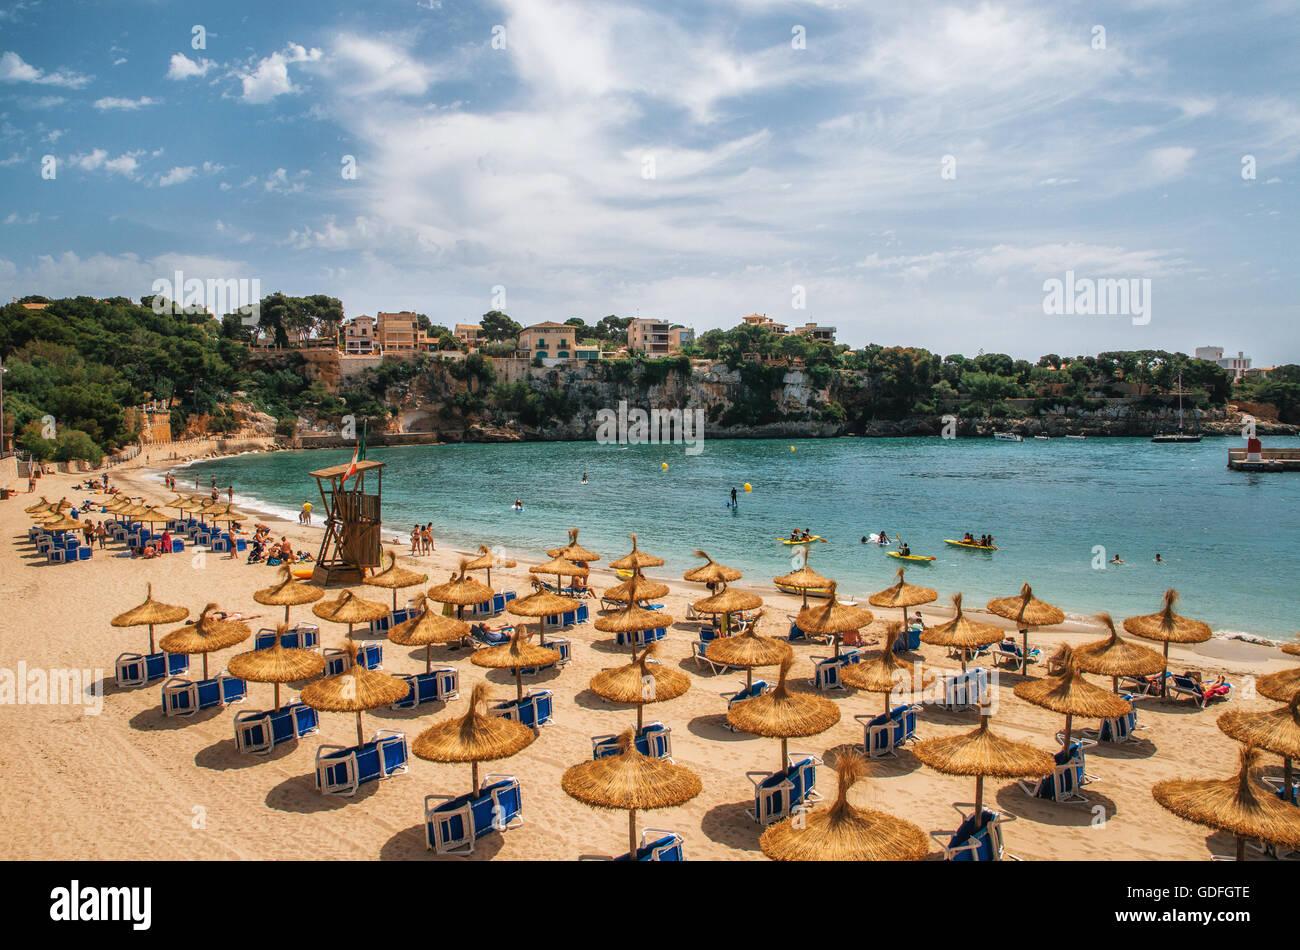 Ombrelloni di paglia sulla spiaggia di Porto Cristo a Maiorca, isole Baleari, Spagna Immagini Stock